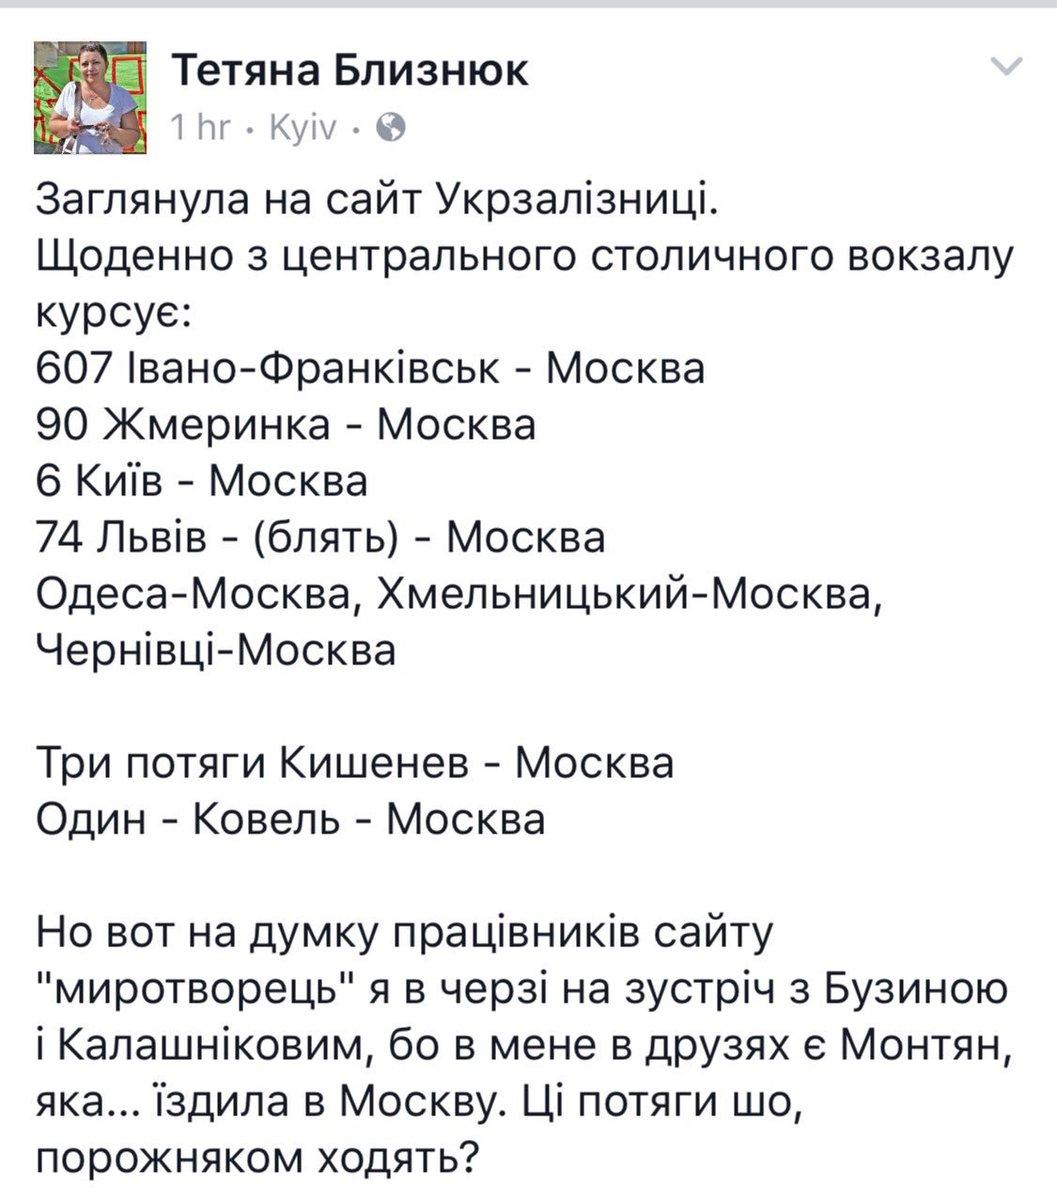 18 обстрелов со стороны террористов зафиксировано сегодня на Донбассе: ранены двое бойцов - Цензор.НЕТ 2315